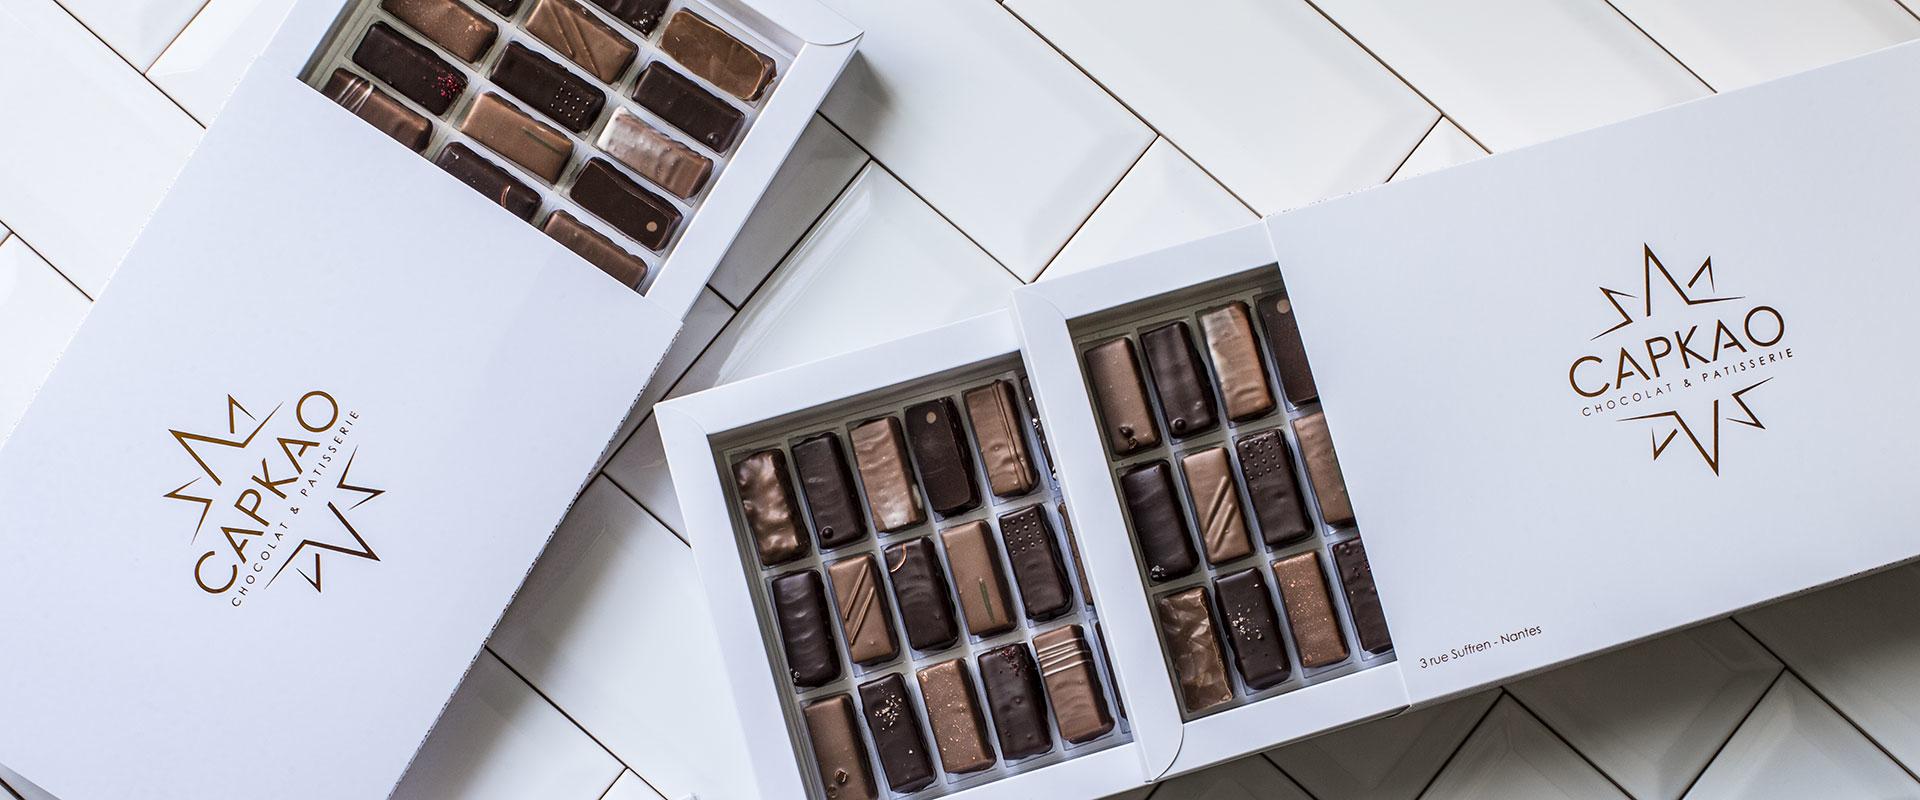 Coffrets Chocolats de Capkao à Nantes